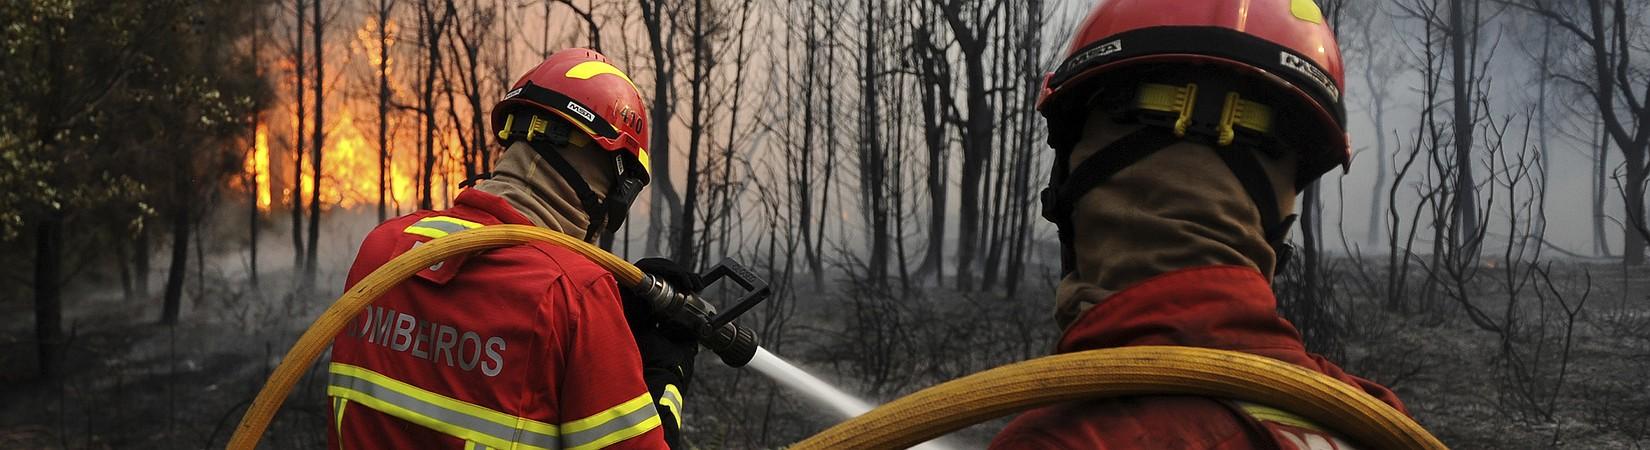 Portugal: chamas não dão tréguas aos bombeiros